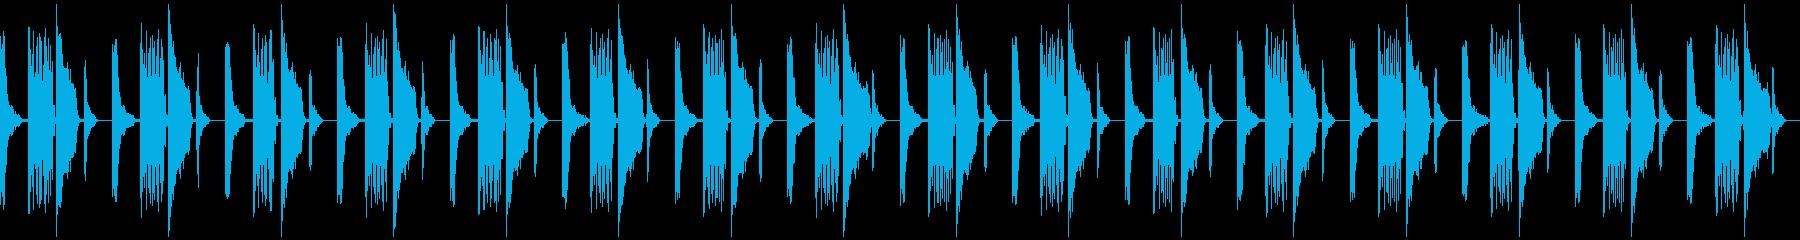 ロボットが考えている音の再生済みの波形